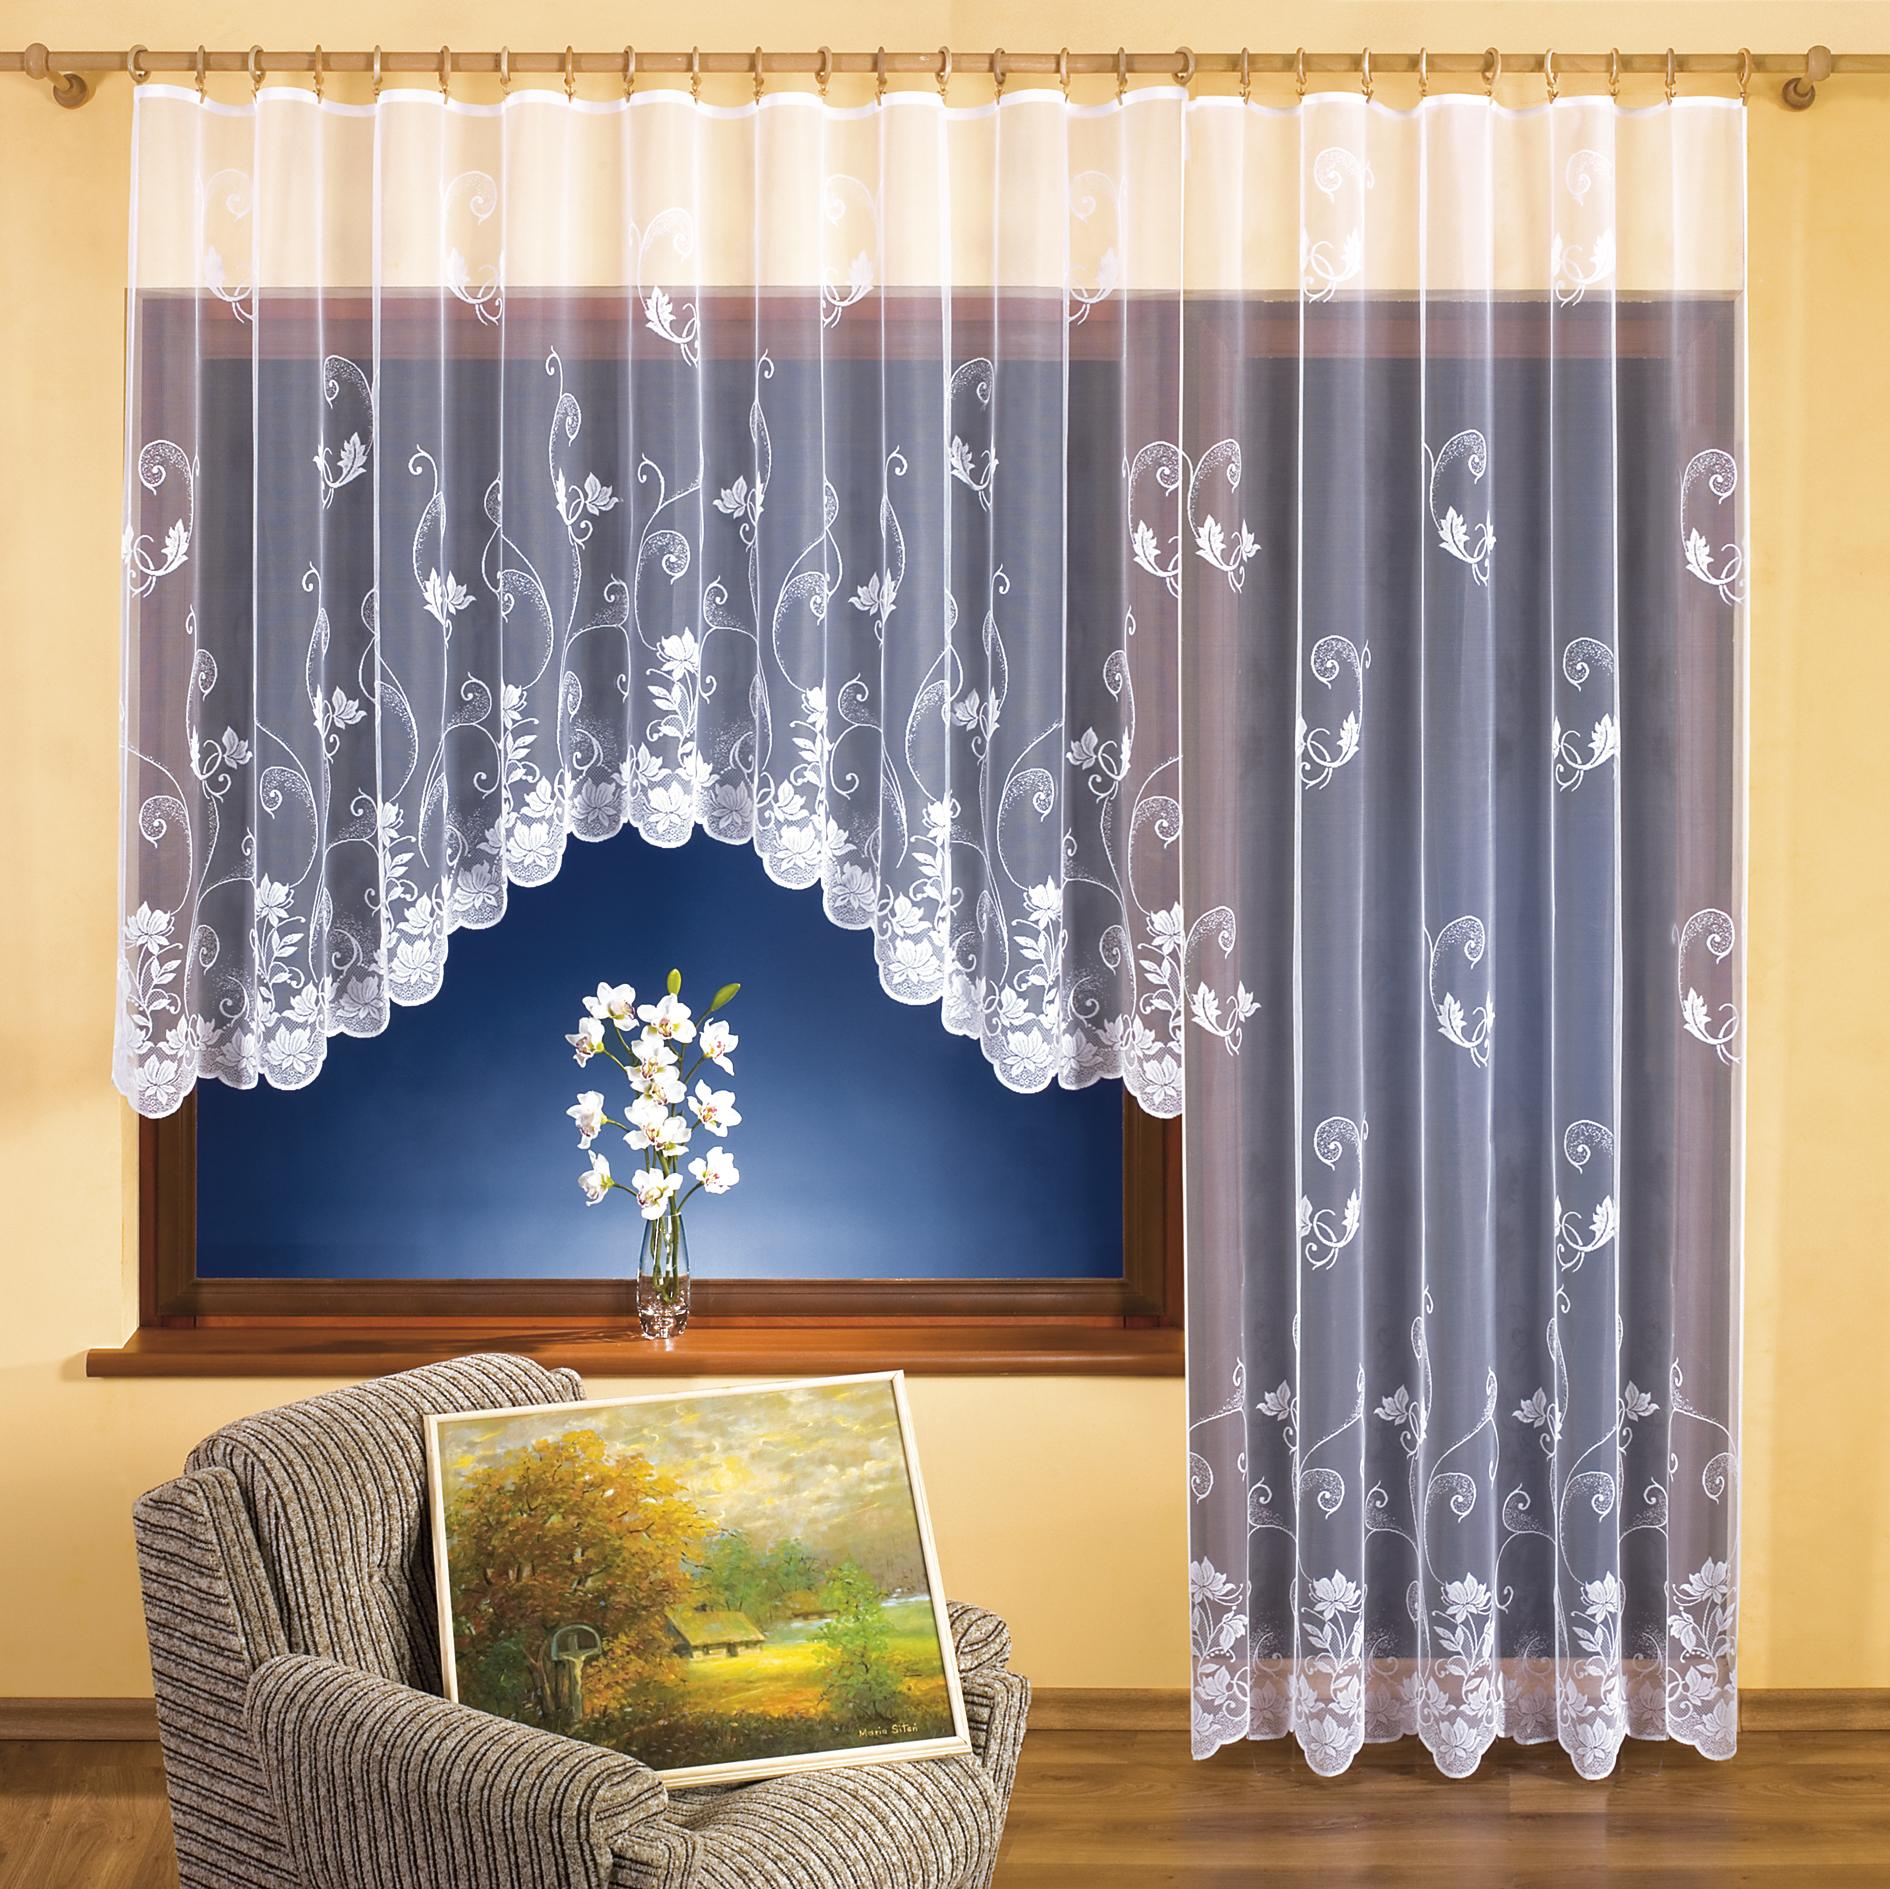 VĚRA kusová záclona 350x160cm